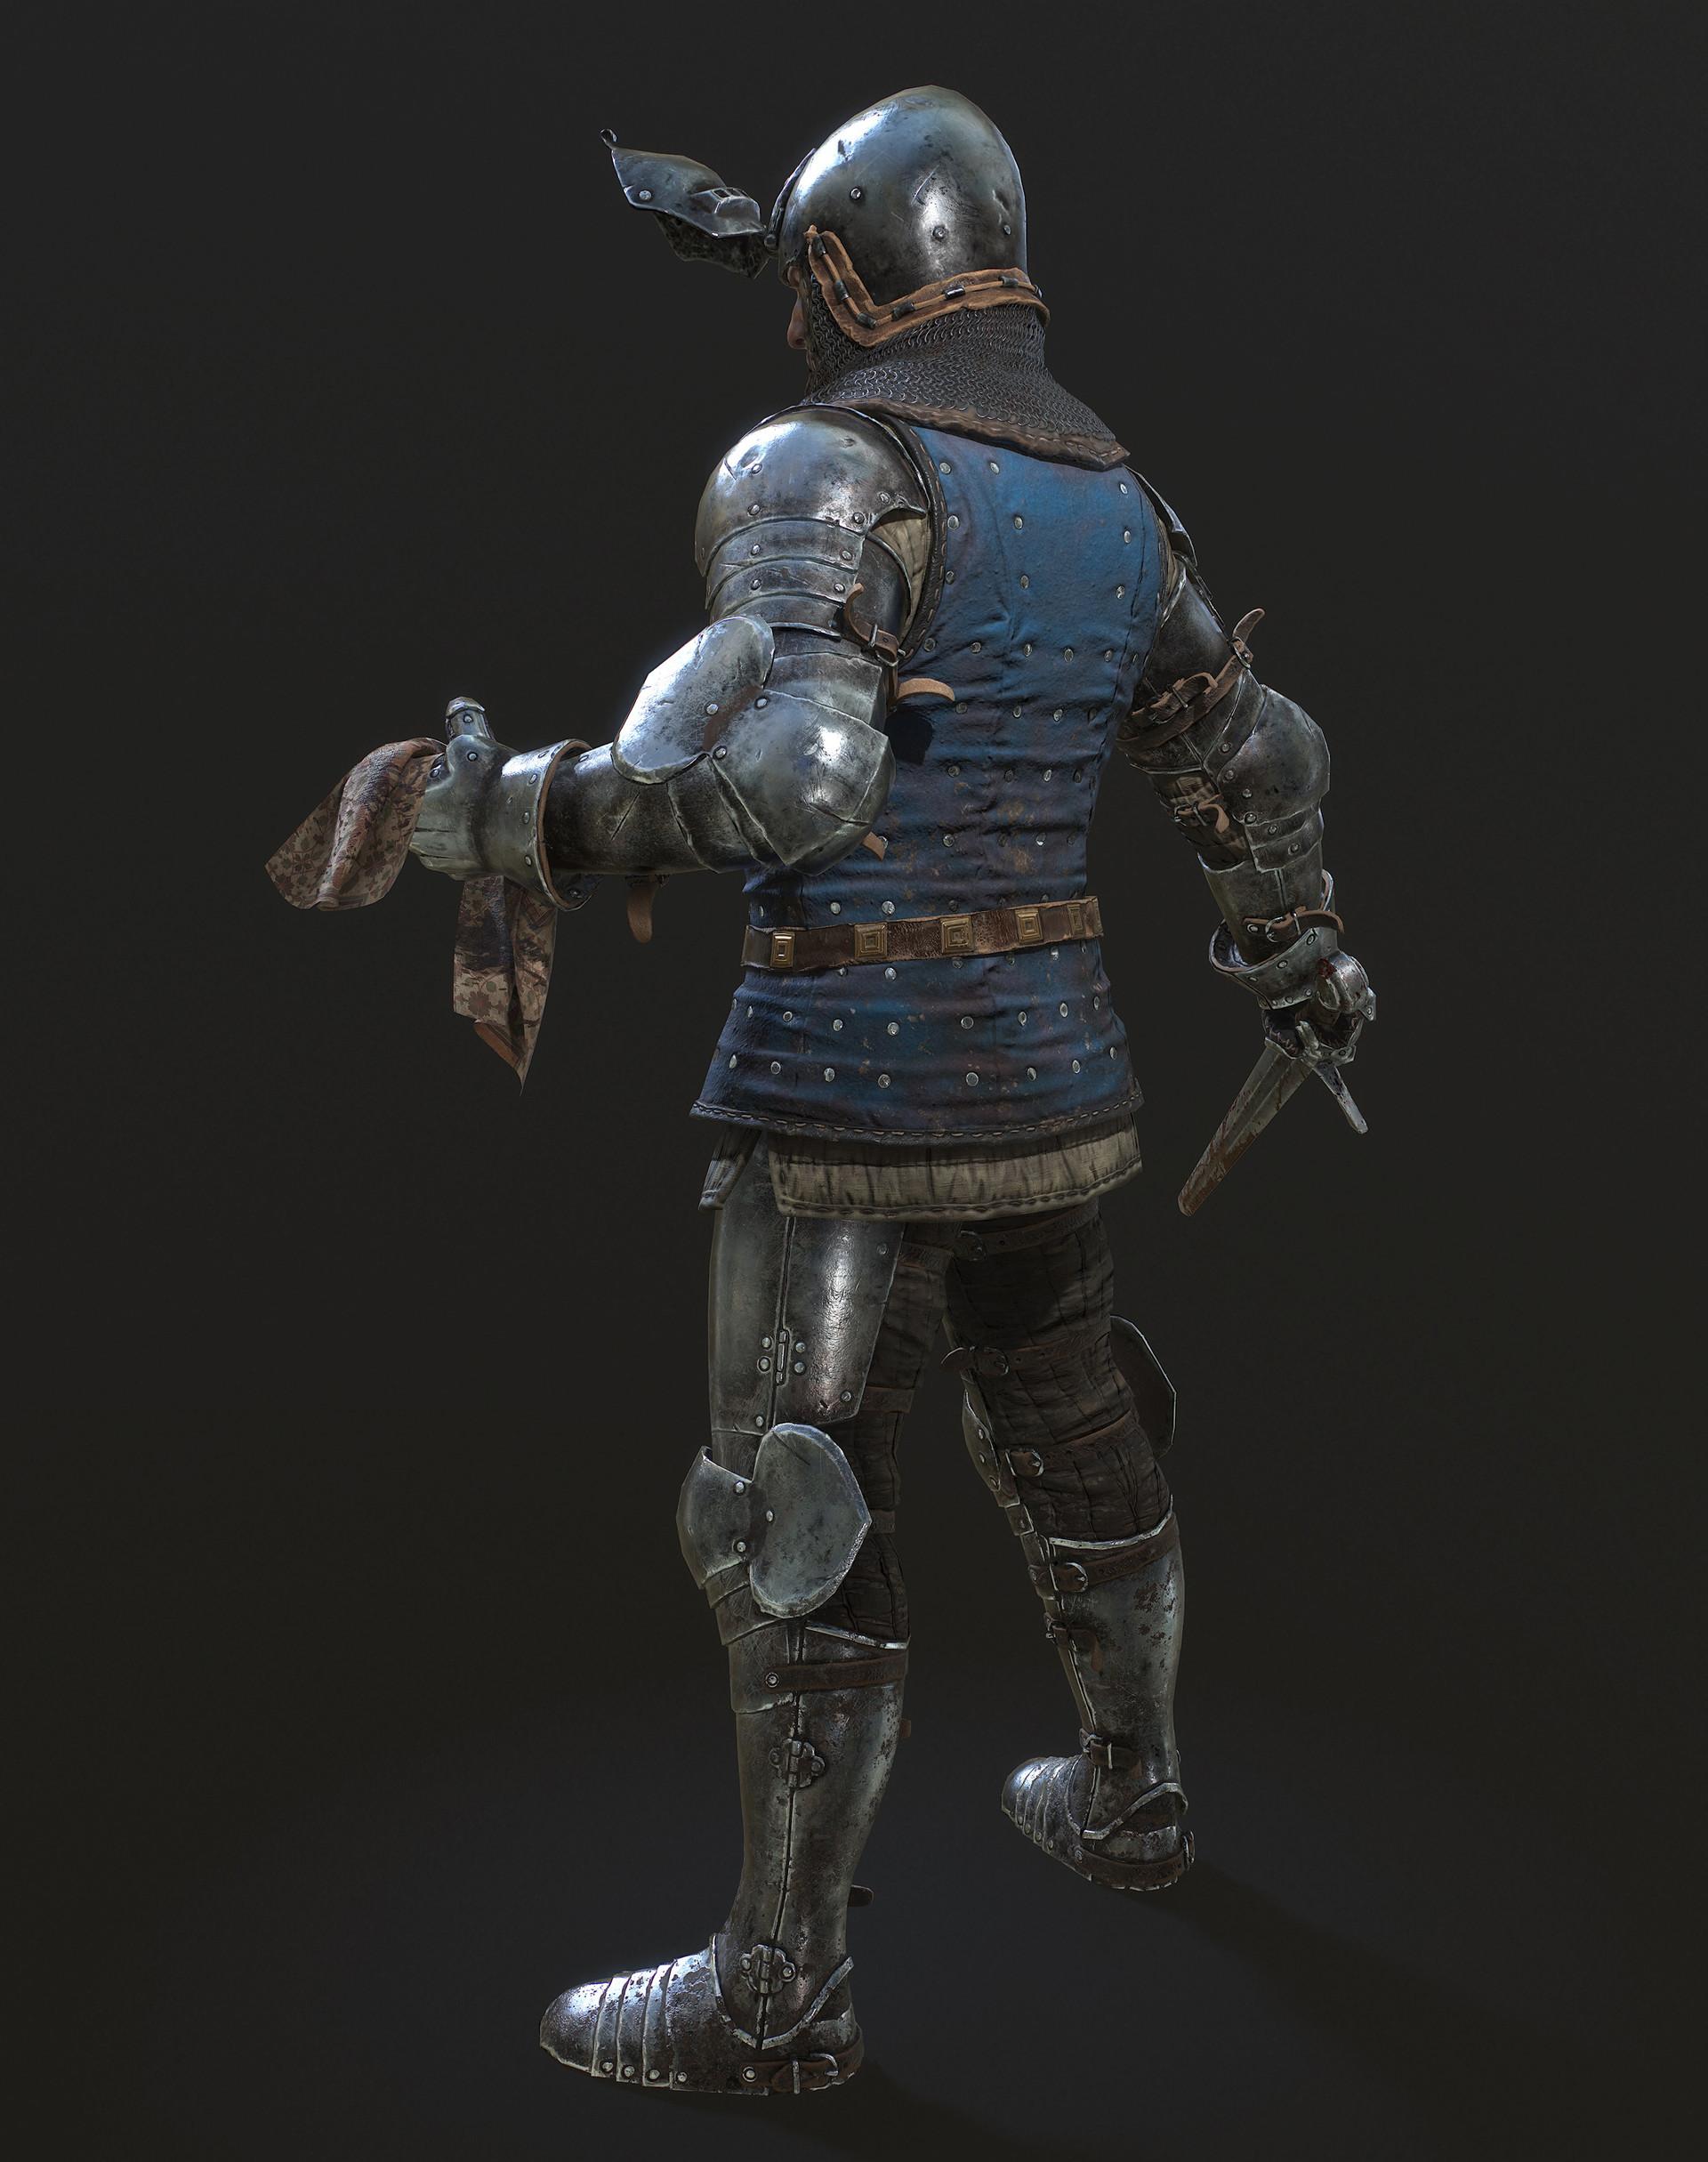 Petr sokolov artpity knight lp left